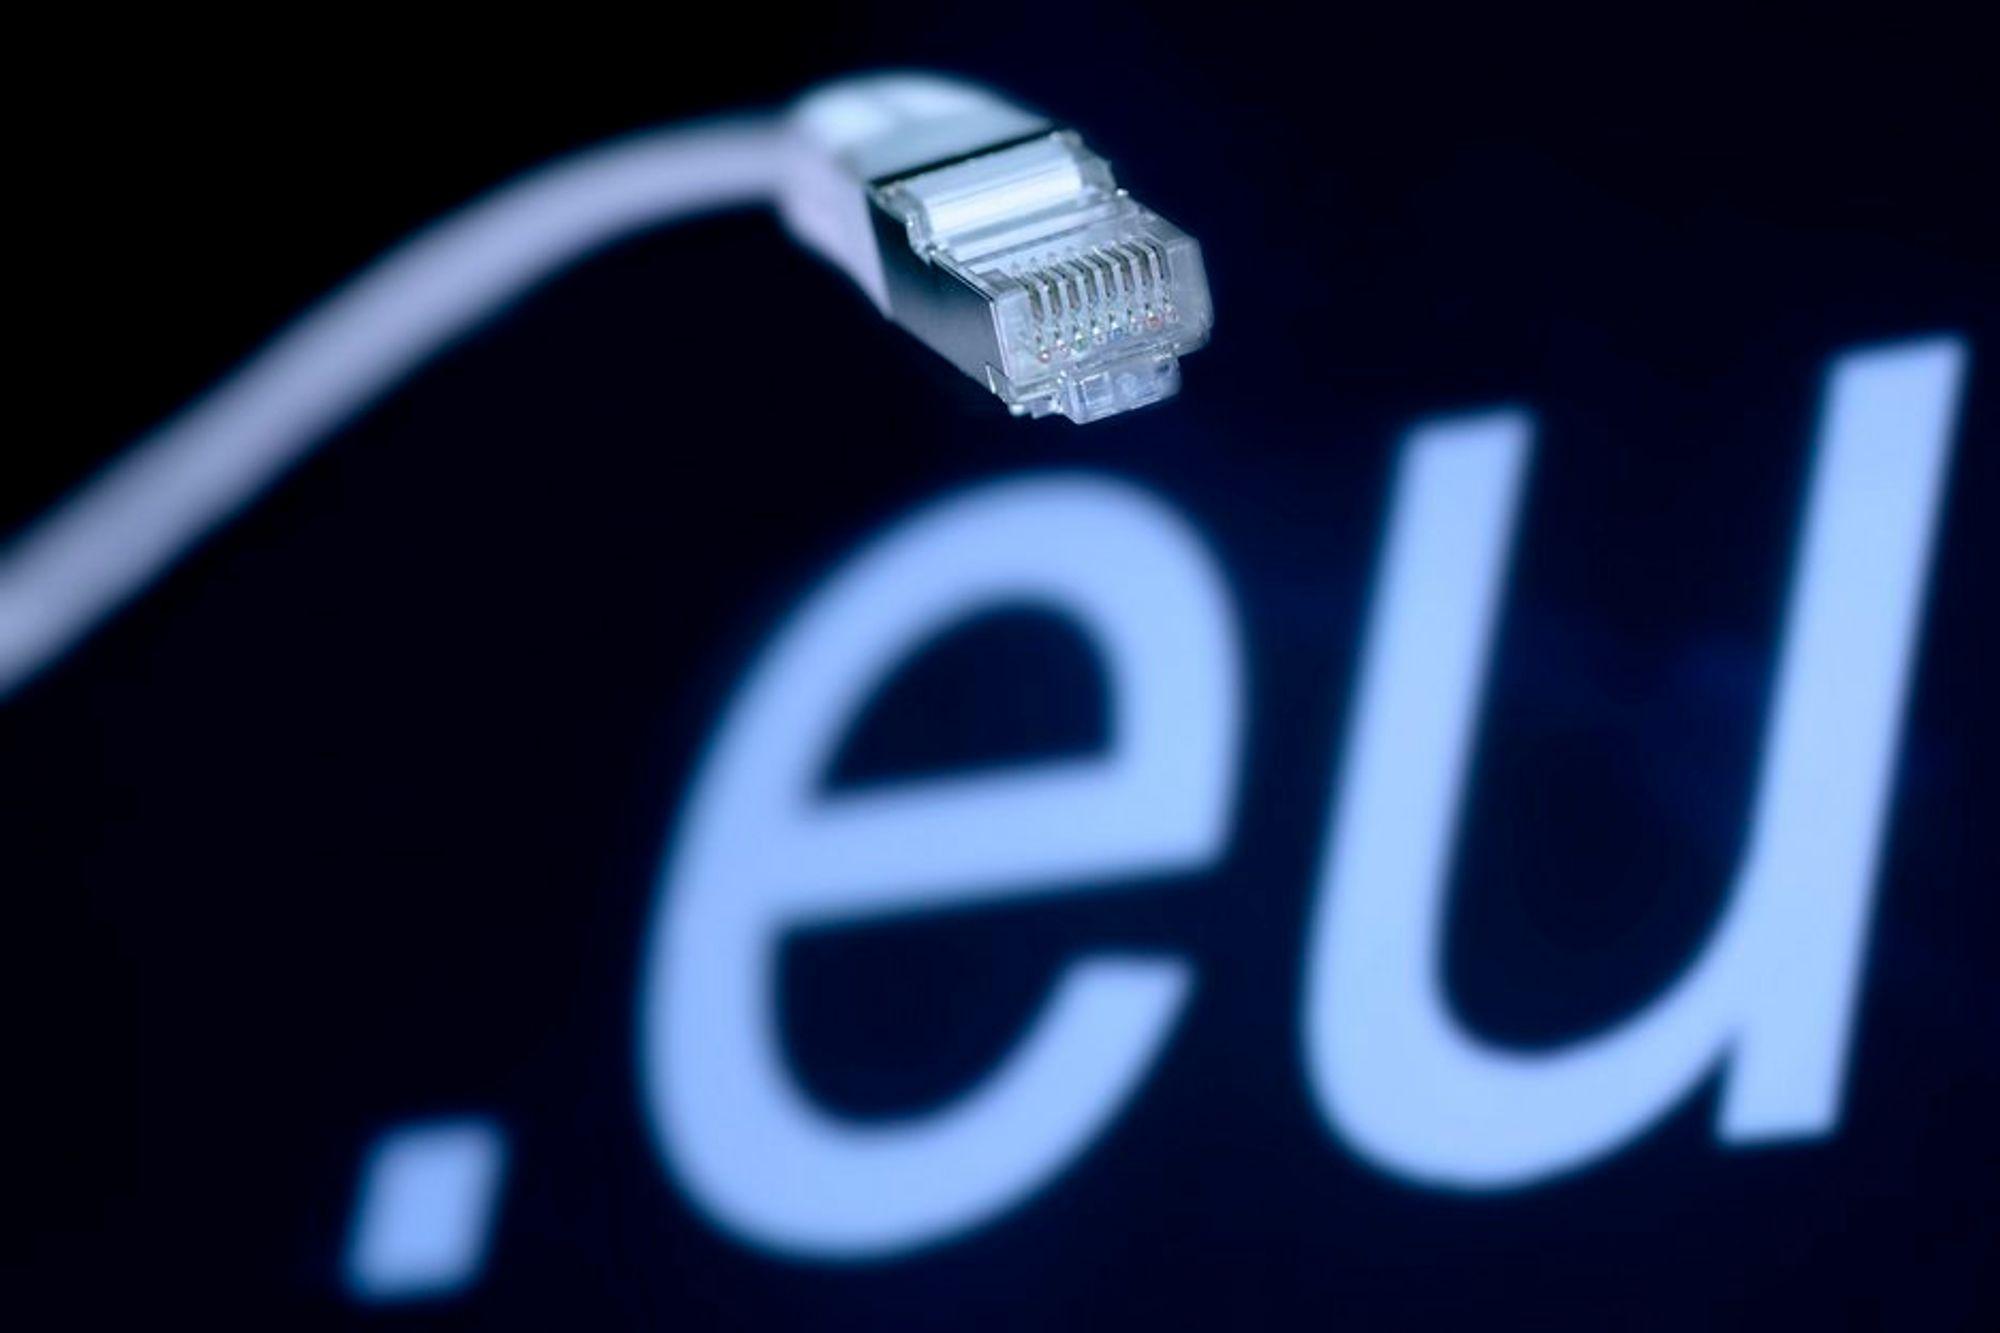 FOR ALLE: EU satser på en plug-and-play-løsning som gir alle medlemsstater økonomisk mulighet til å å anskaffe digitale offentlige tjenester som skal hjelpe Europa på fote igjen.